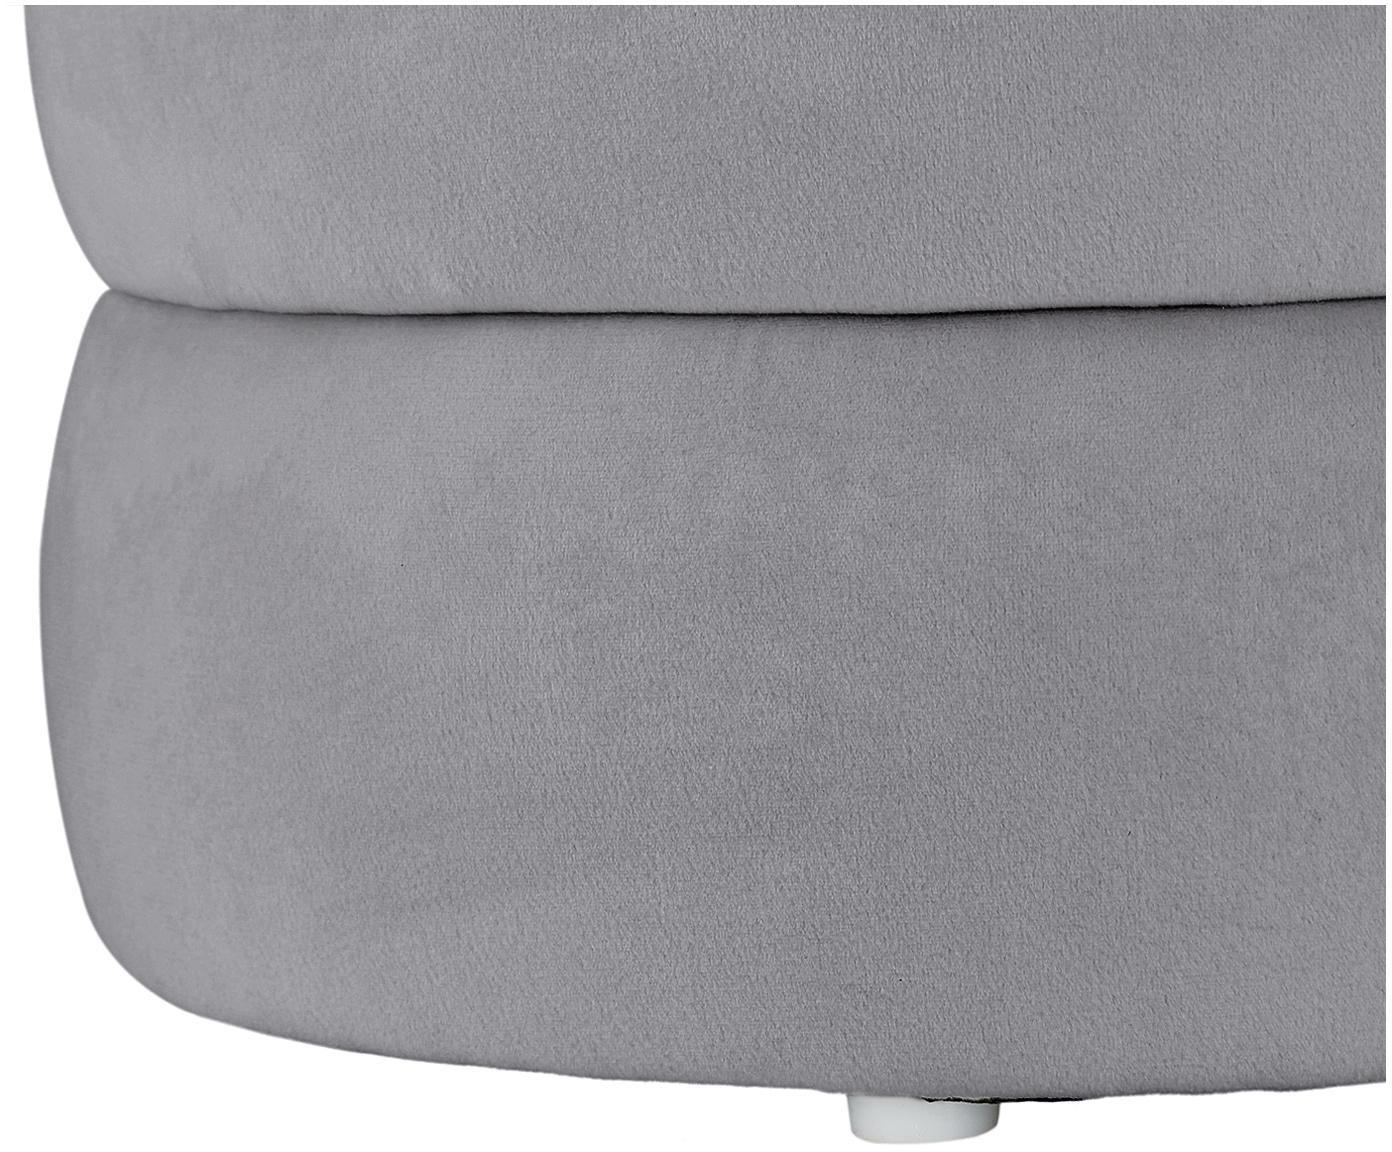 Sgabello in velluto Alto, Rivestimento: velluto (poliestere) 30.0, Struttura: compensato, Velluto grigio, Ø 42 x Alt. 48 cm